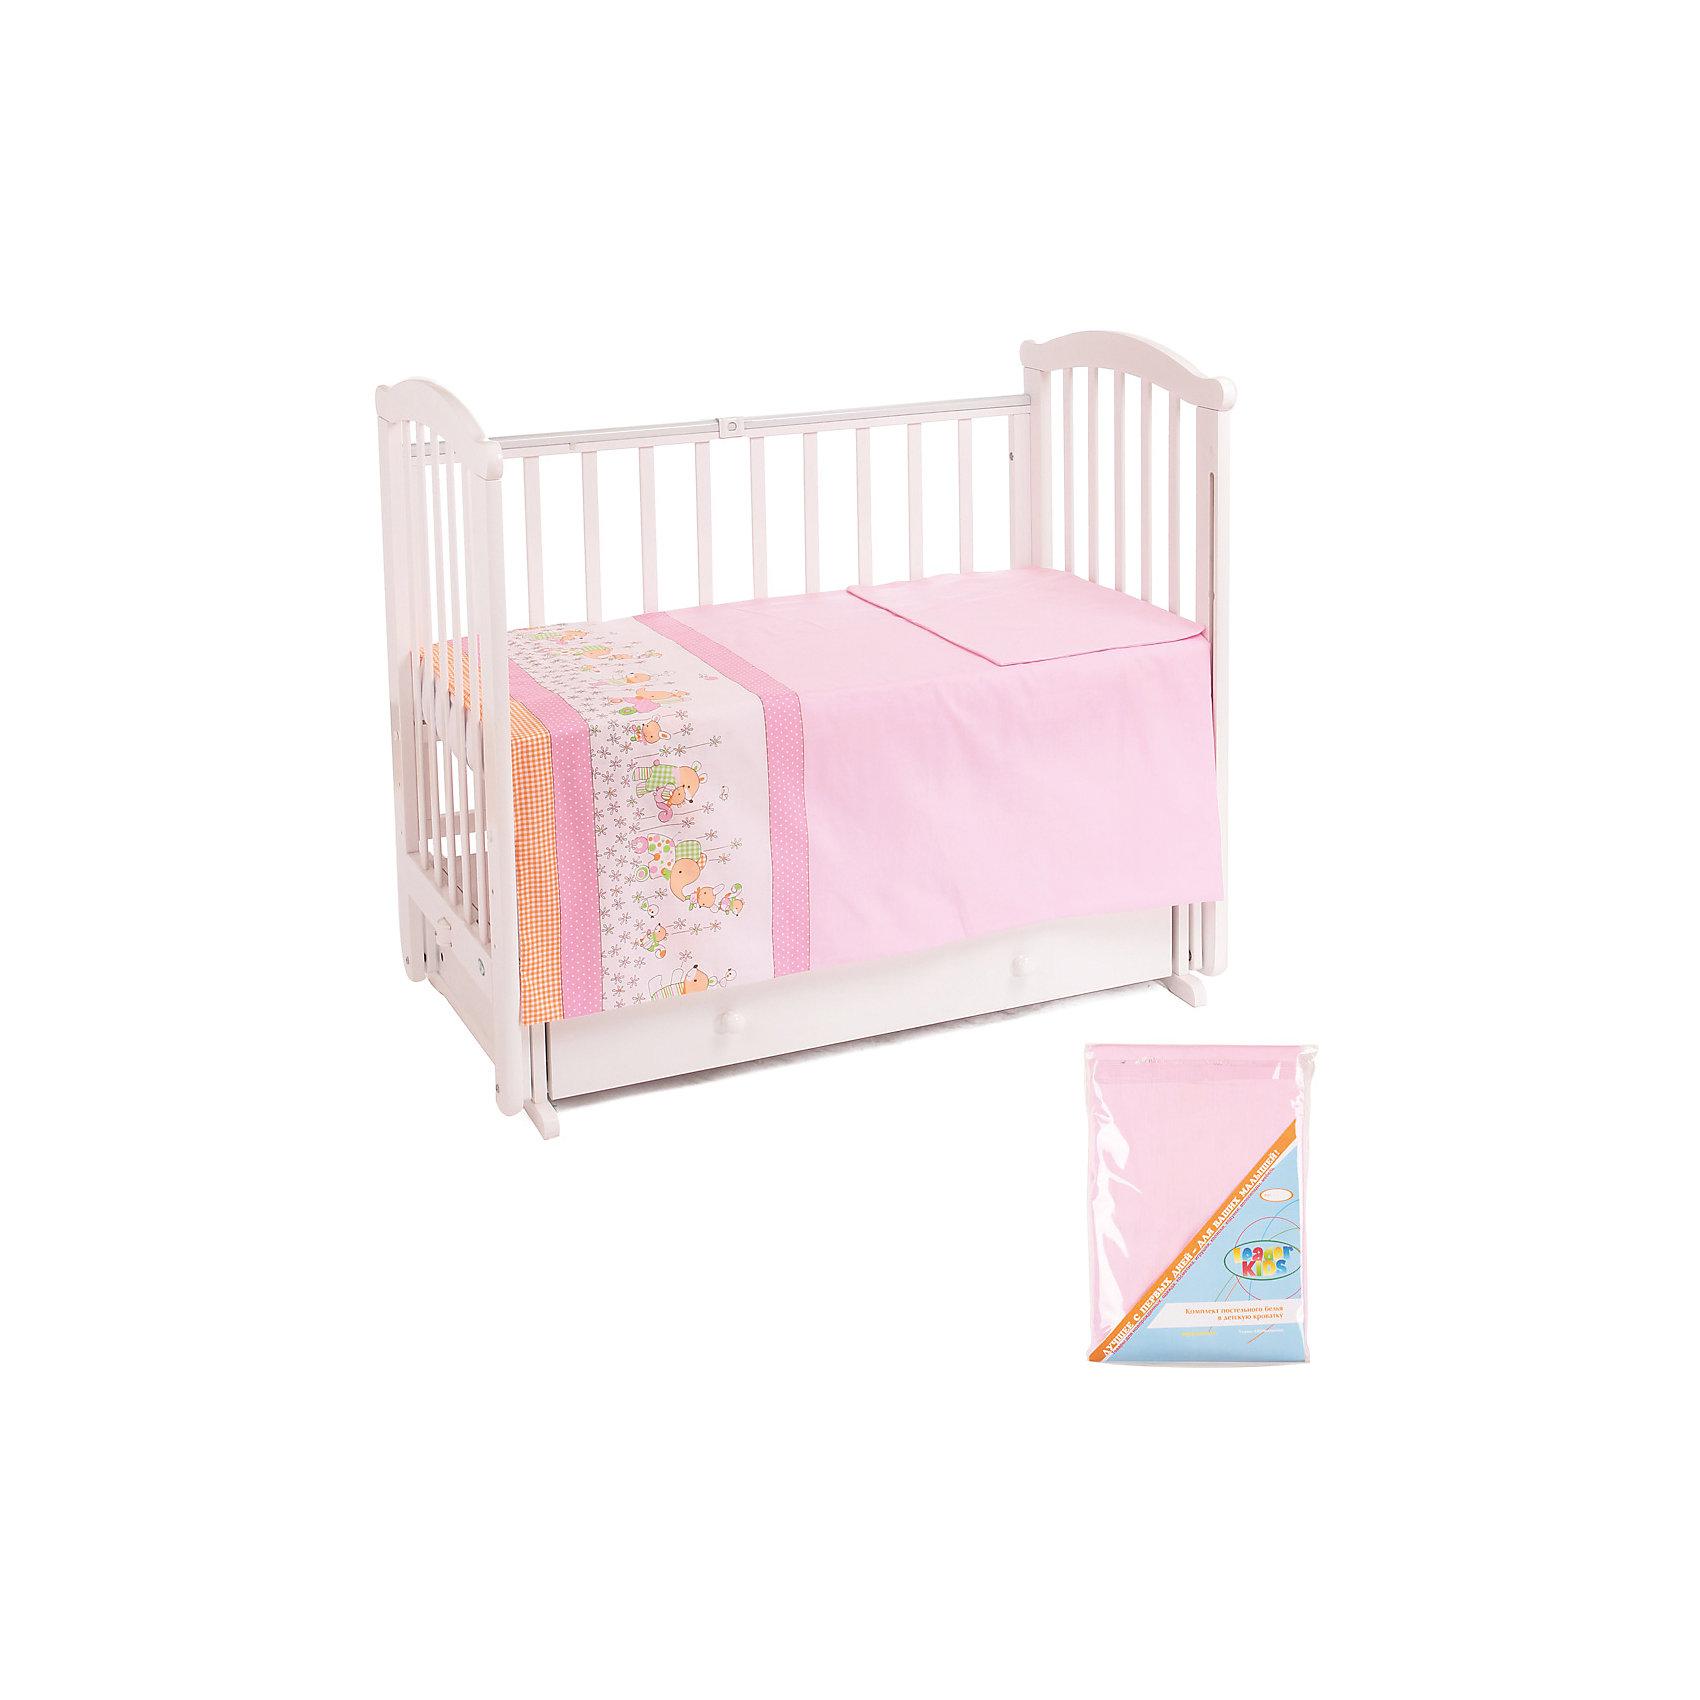 Постельное белье Веселая лужайка, 3 пр., Leader kids, розовый